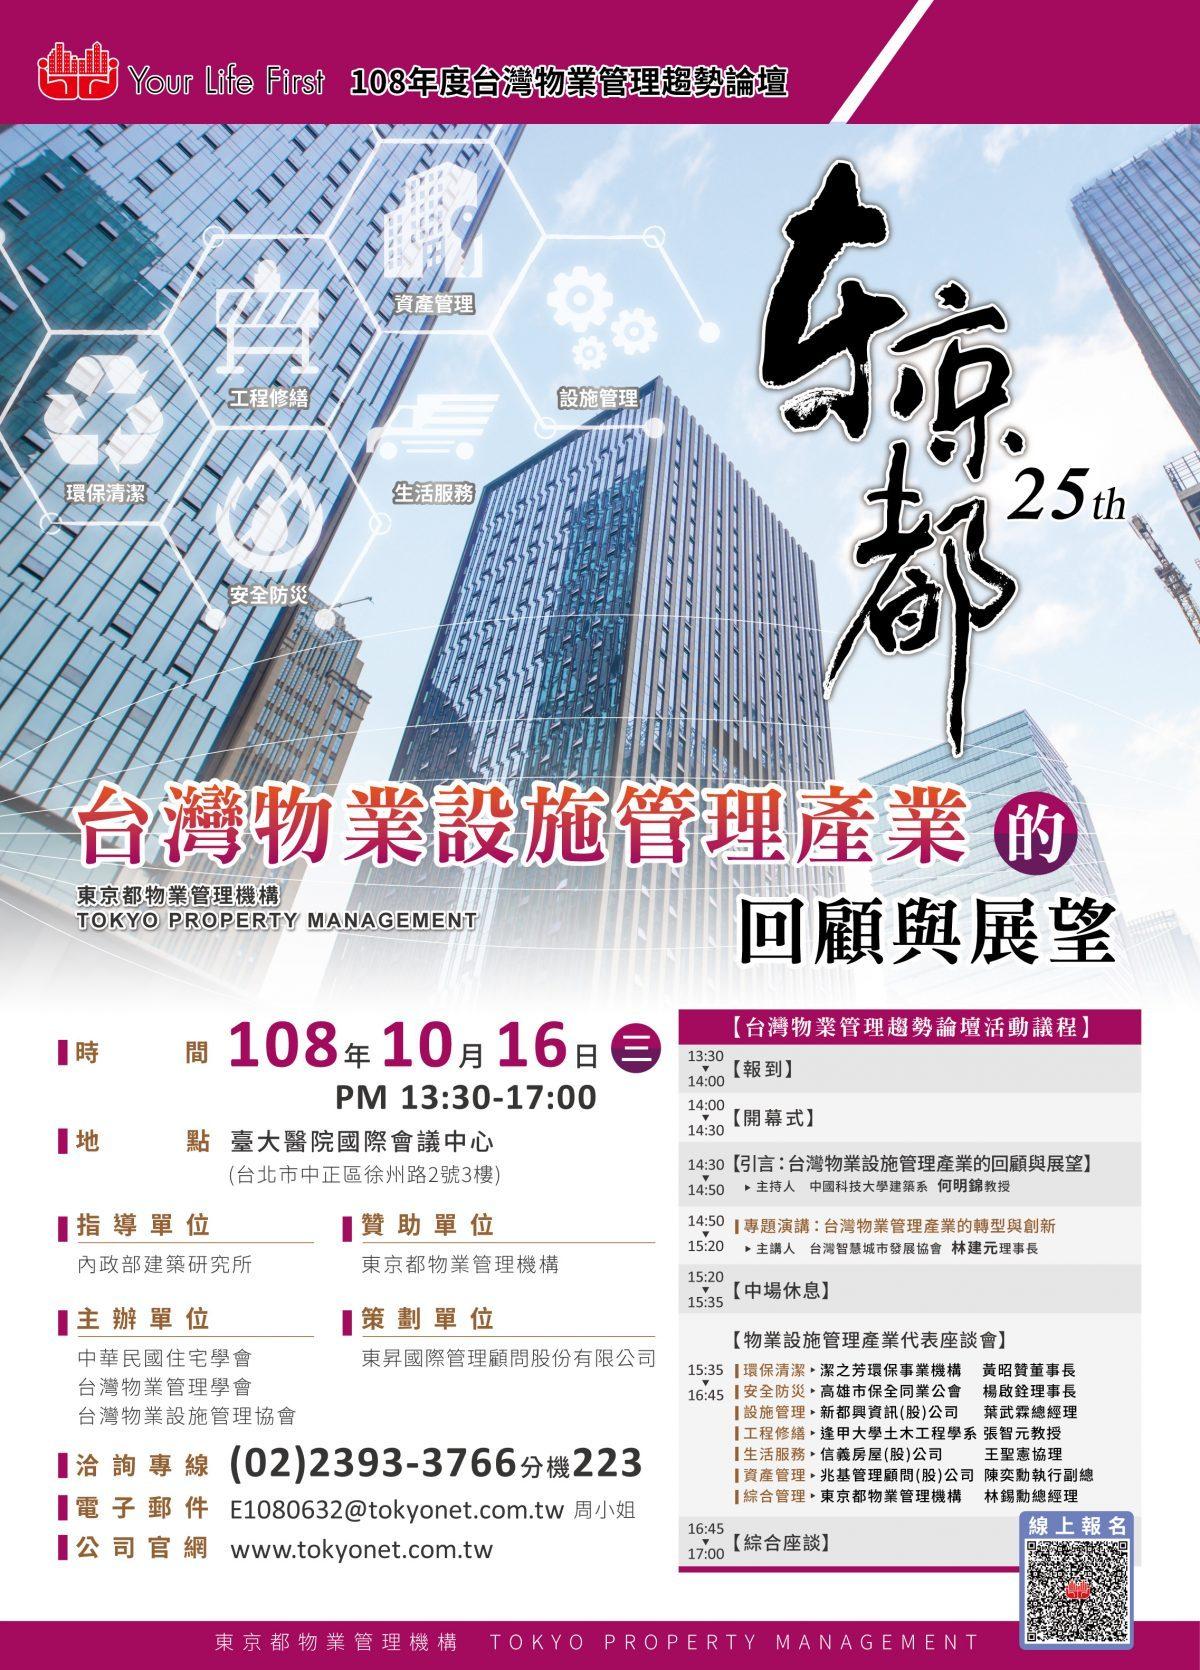 【轉載】108年度台灣物業管理趨勢論壇:「台灣物業設施管理產業的回顧與展望」歡迎踴躍報名參加!